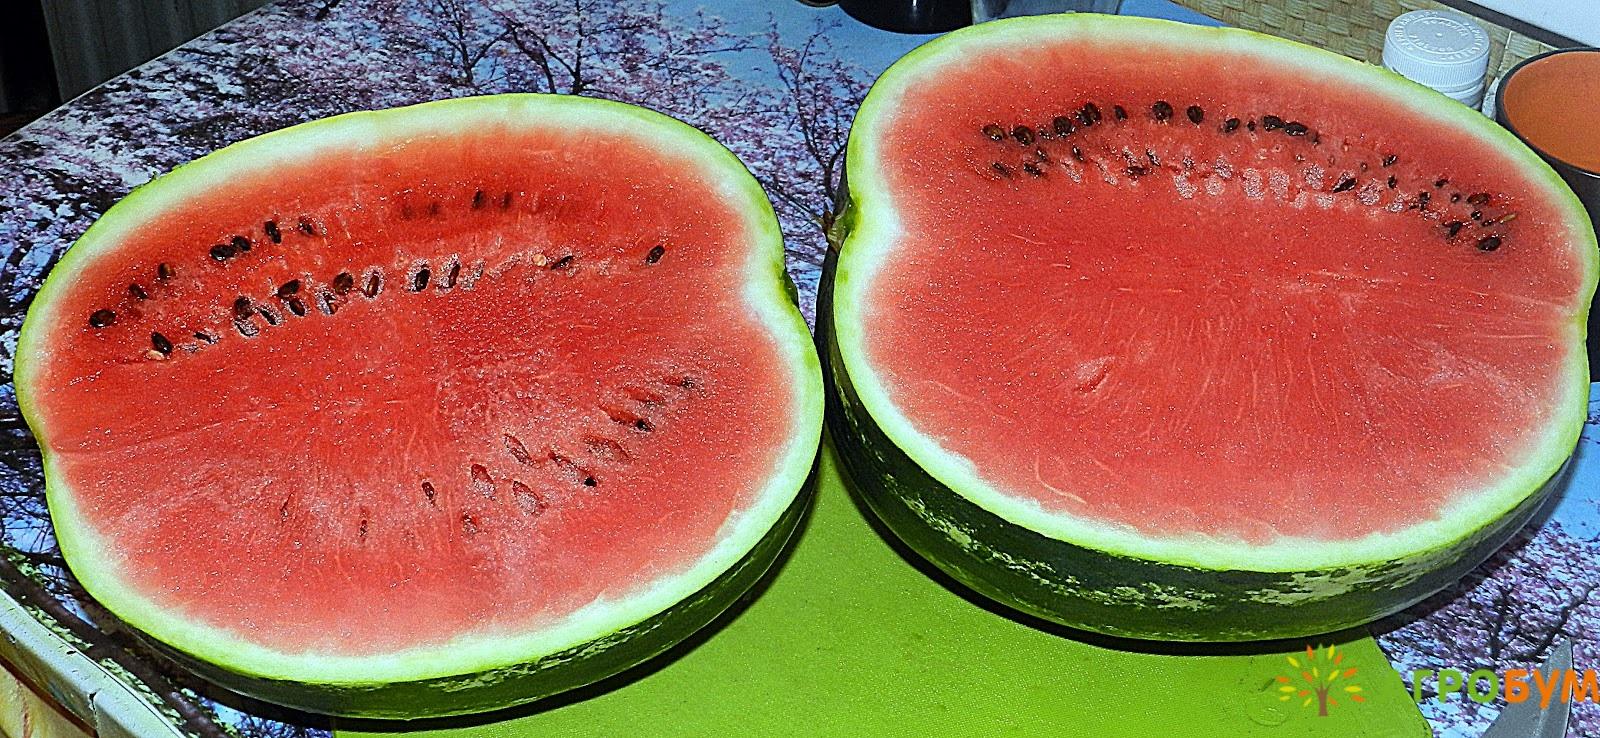 Купить семена Арбуз Скорик 1,0 г по низкой цене, доставка почтой наложенным платежом по России, курьером по Москве - интернет-магазин АгроБум